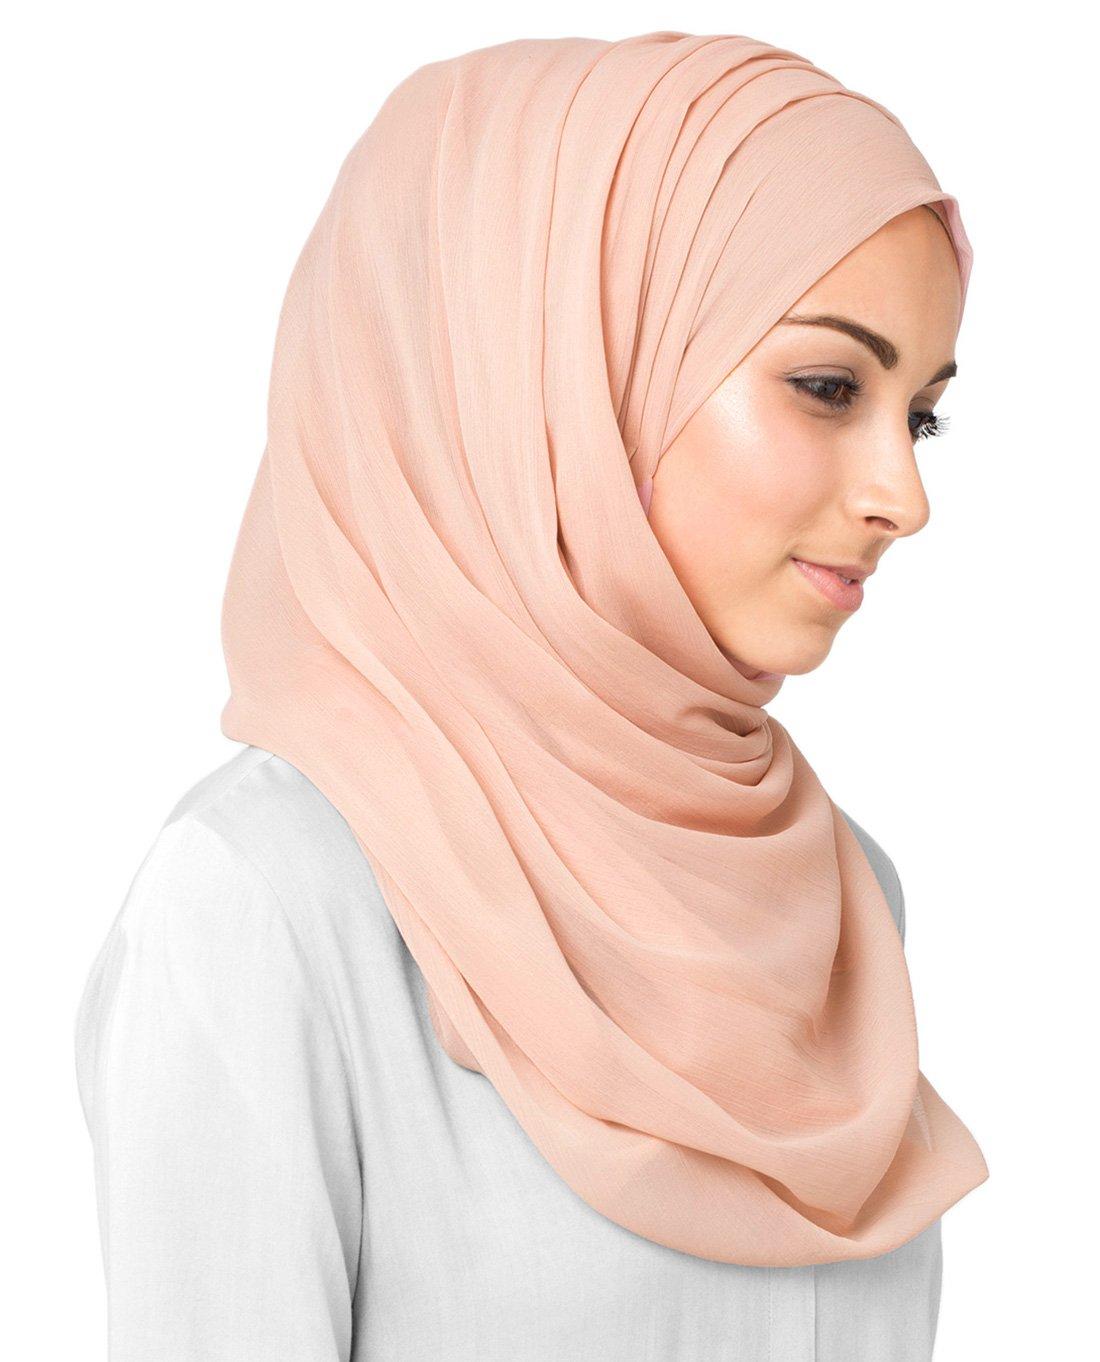 InEssence Scallop Shell Poly Chiffon Scarf Women Girls Wrap Large Size Hijab by InEssence